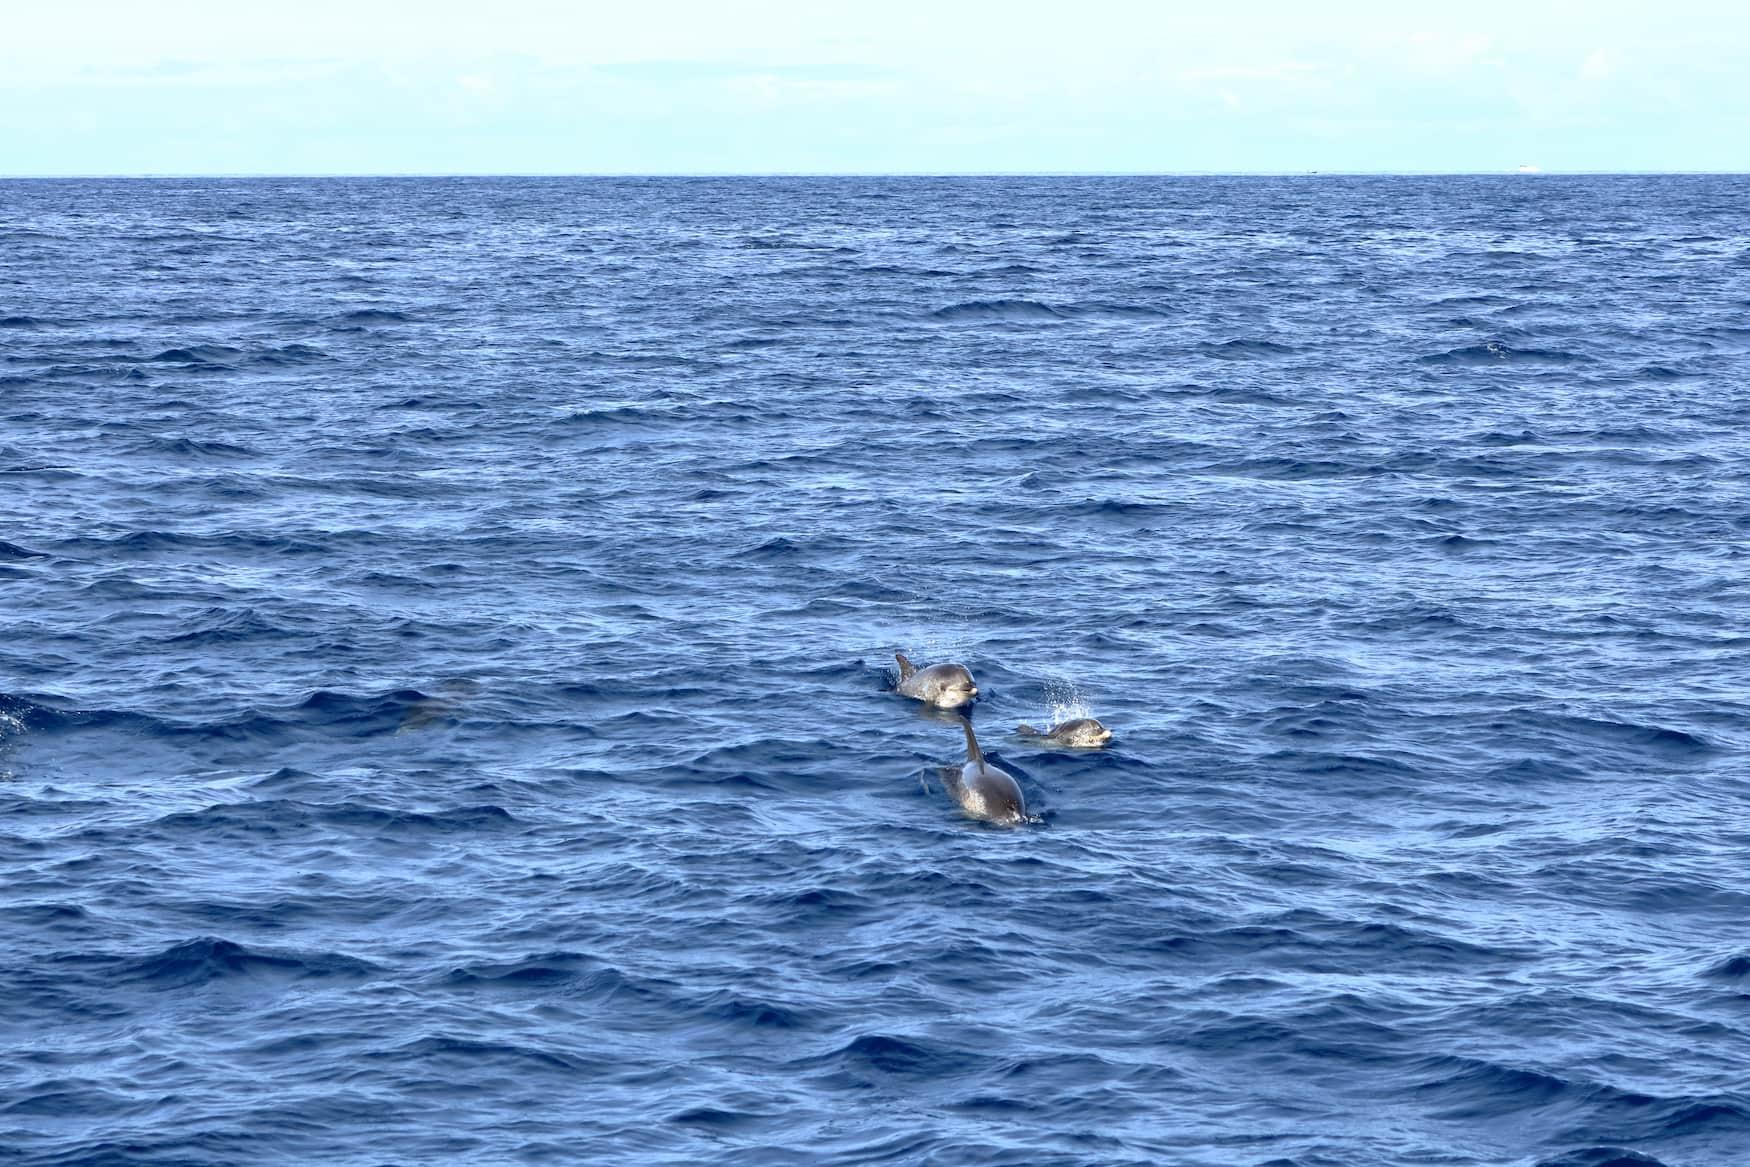 Delfine schwimmen vor der Küste der Kanareninsel La Gomera